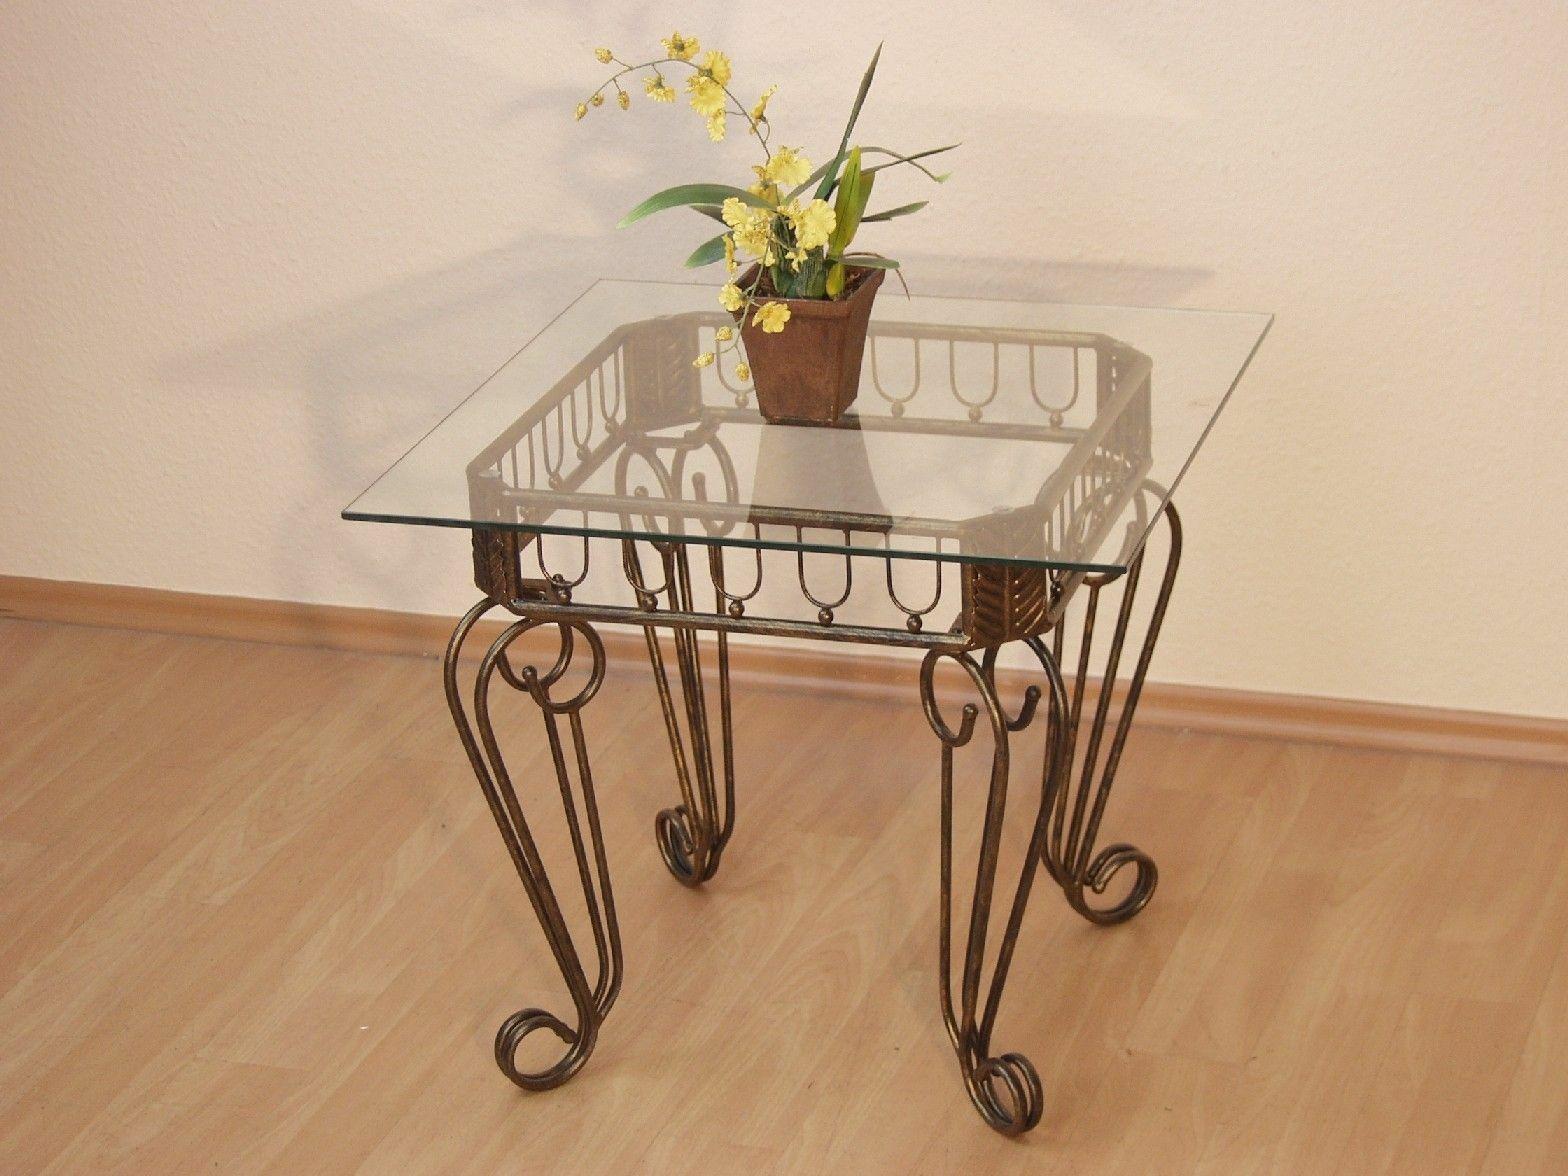 Beistelltisch Tisch Couchtisch Beitisch antik eisen braun ...